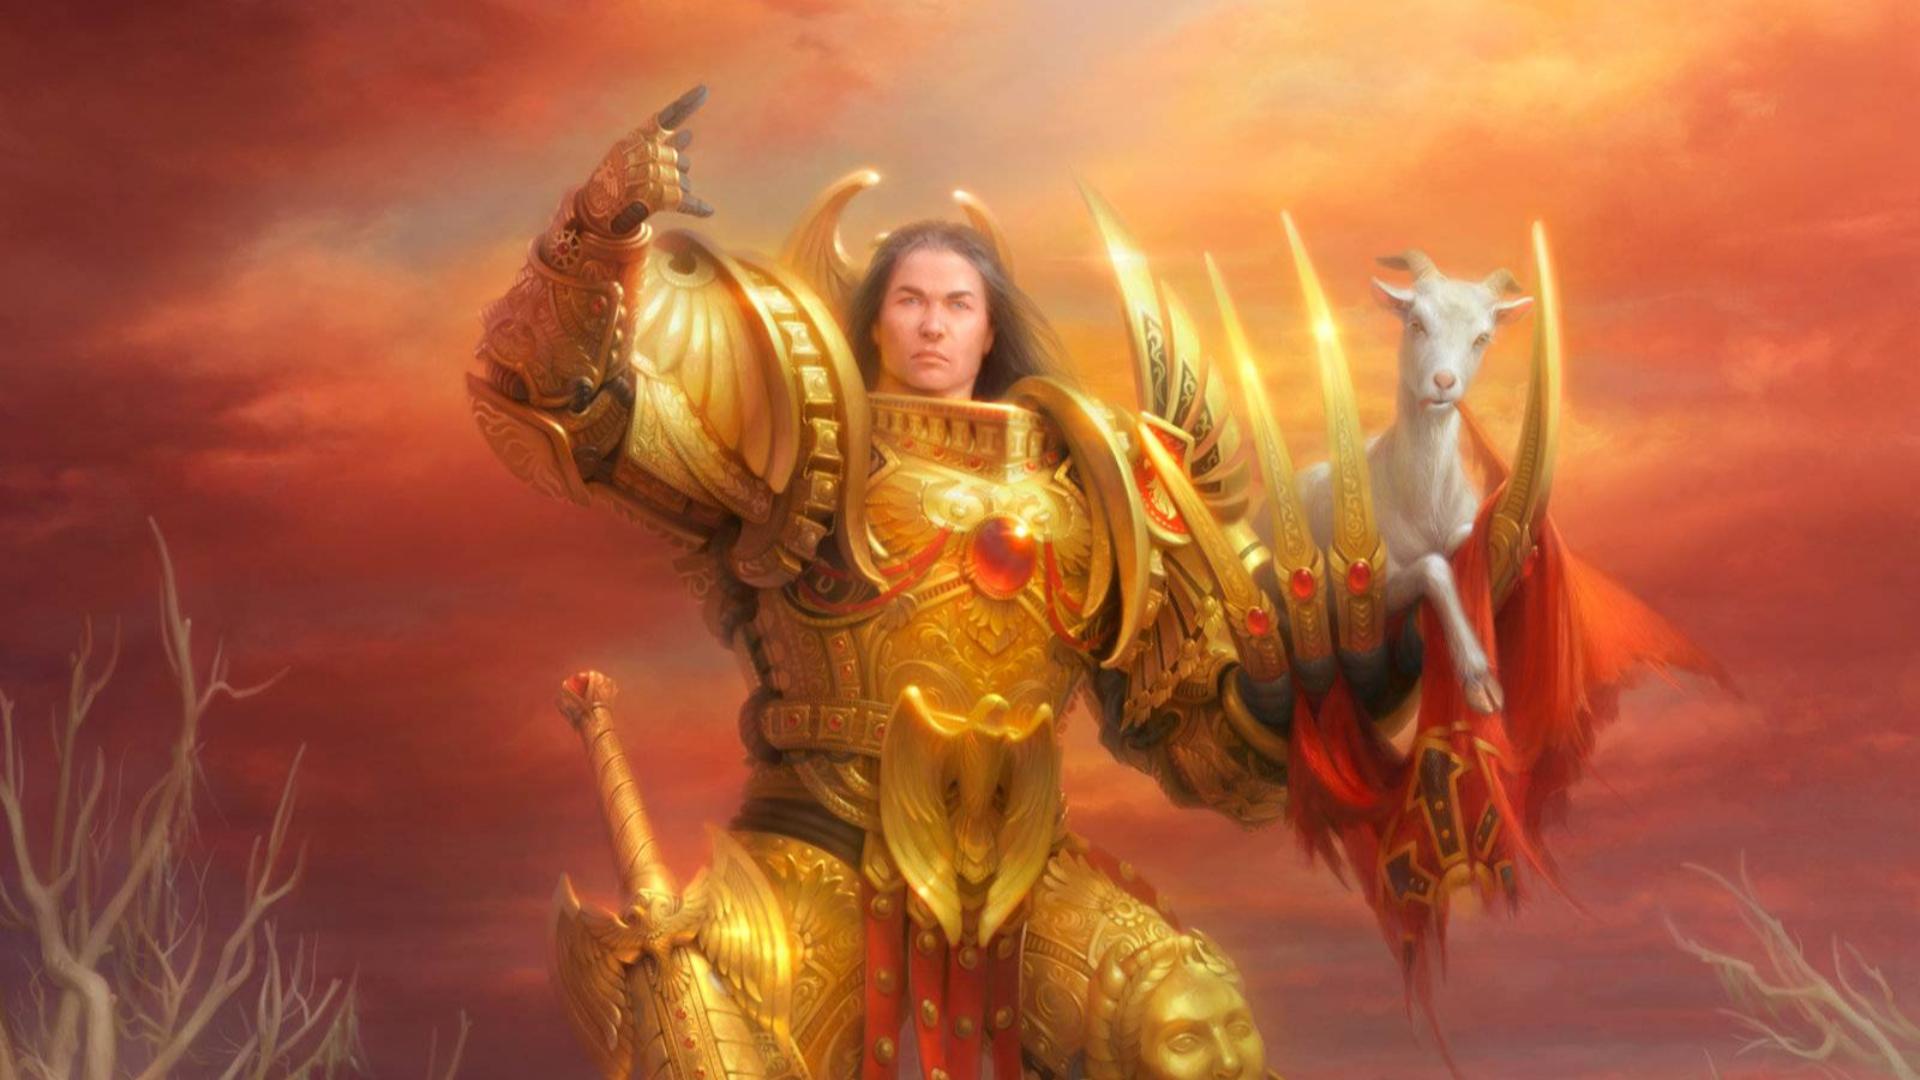 战锤40k 战锤40000 神圣帝皇 人类之主 英灵转世 伟业已铸